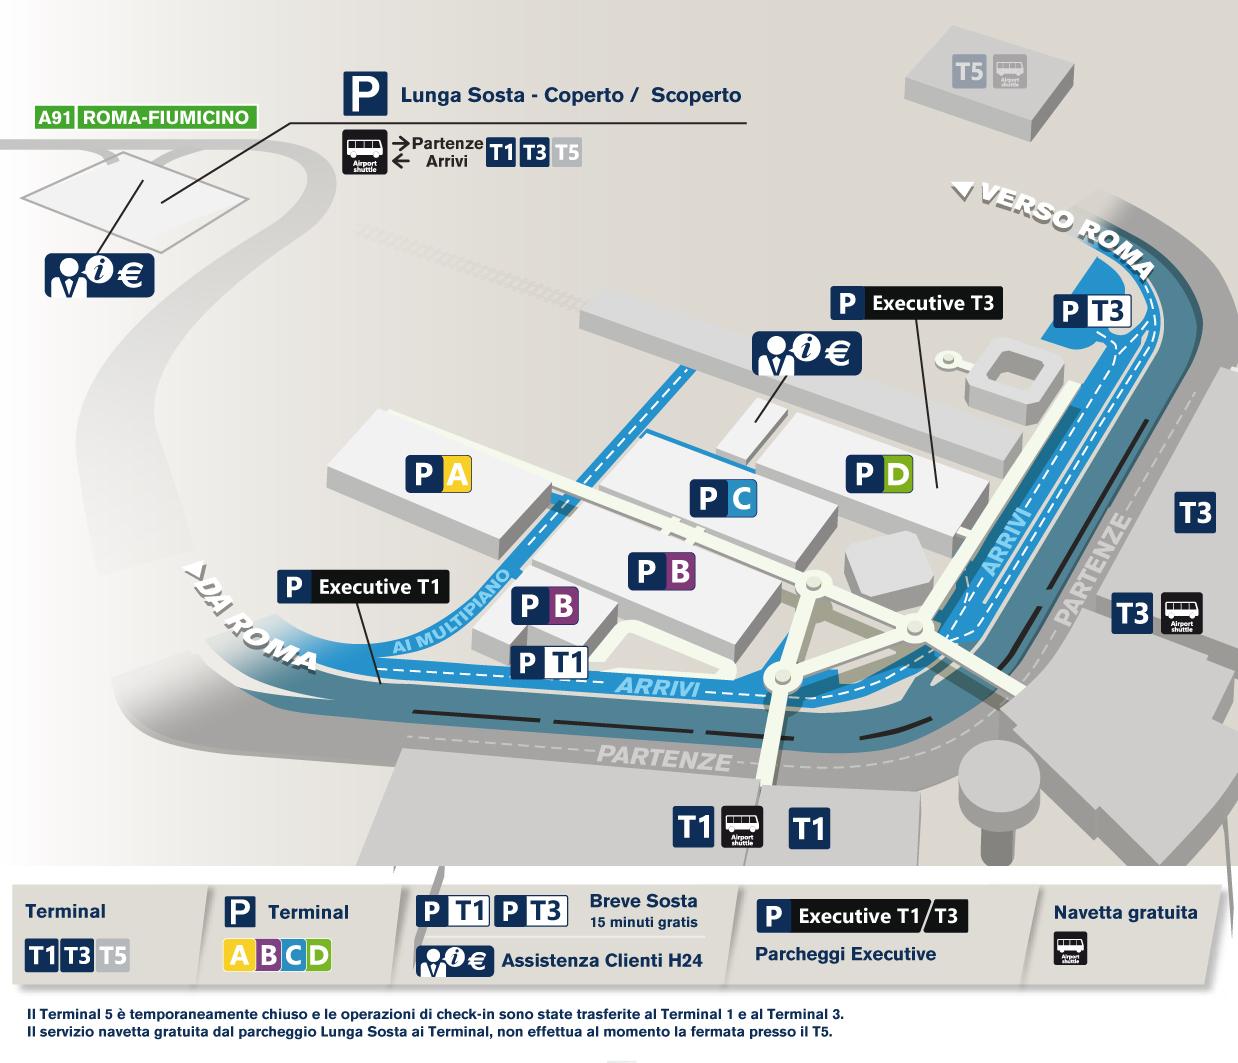 Mappa Semplificata Parcheggi Aeroporto Di Fiumicino Adr